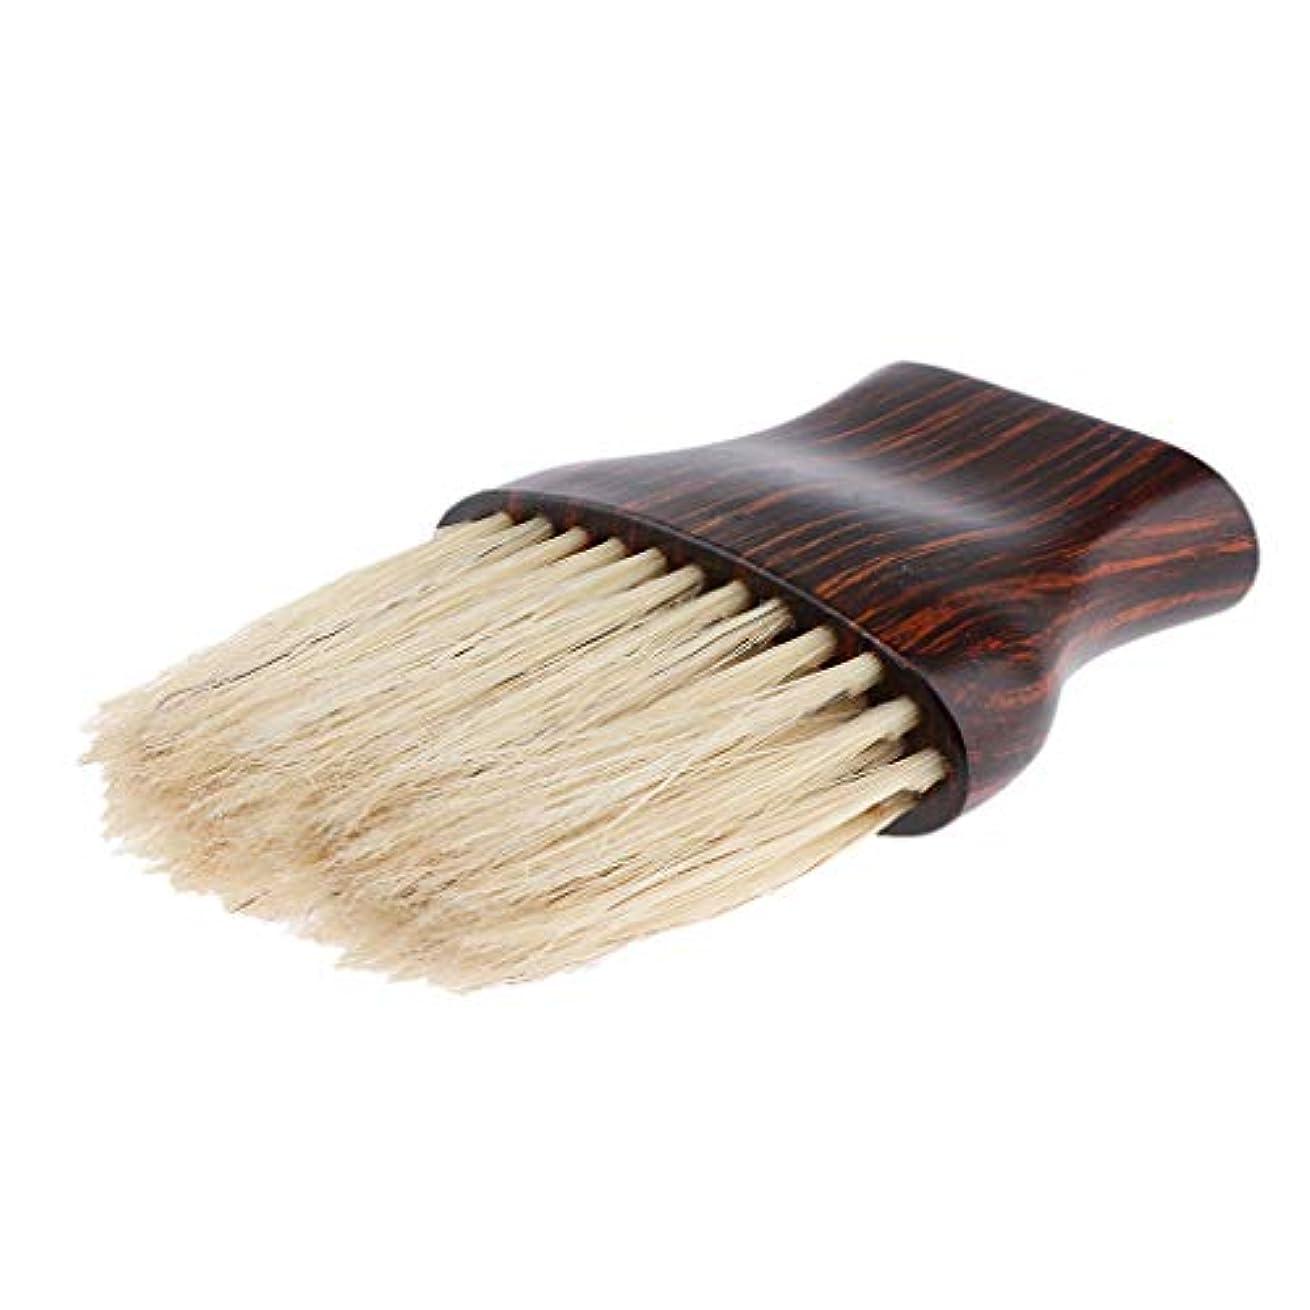 レンダー男サミットヘアカットブラシ ネックダスタークリーニング ヘアブラシ 理髪師理髪ツール